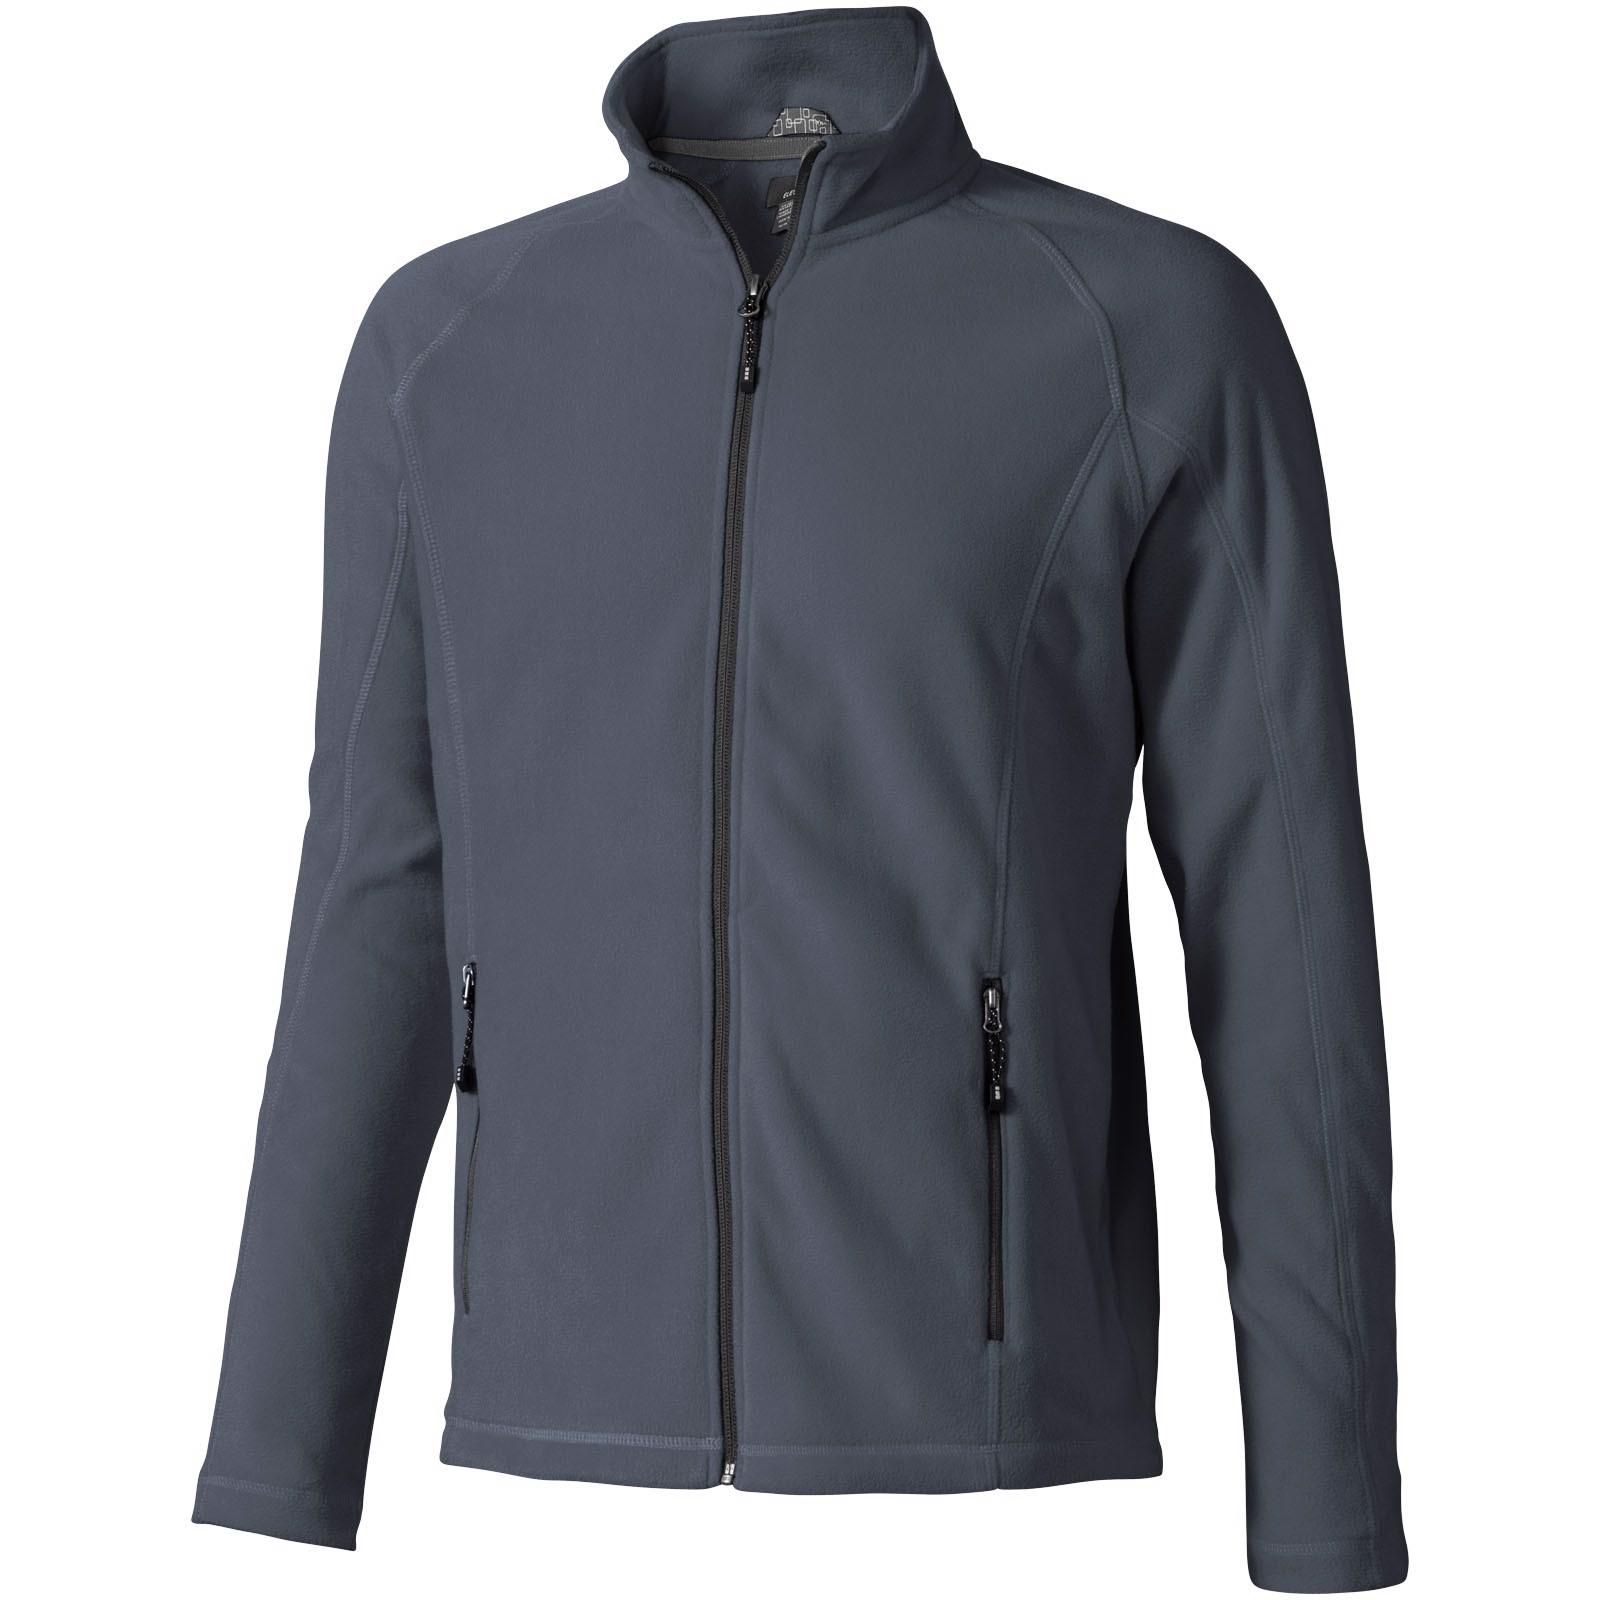 Rixford men's full zip fleece jacket - Storm grey / M